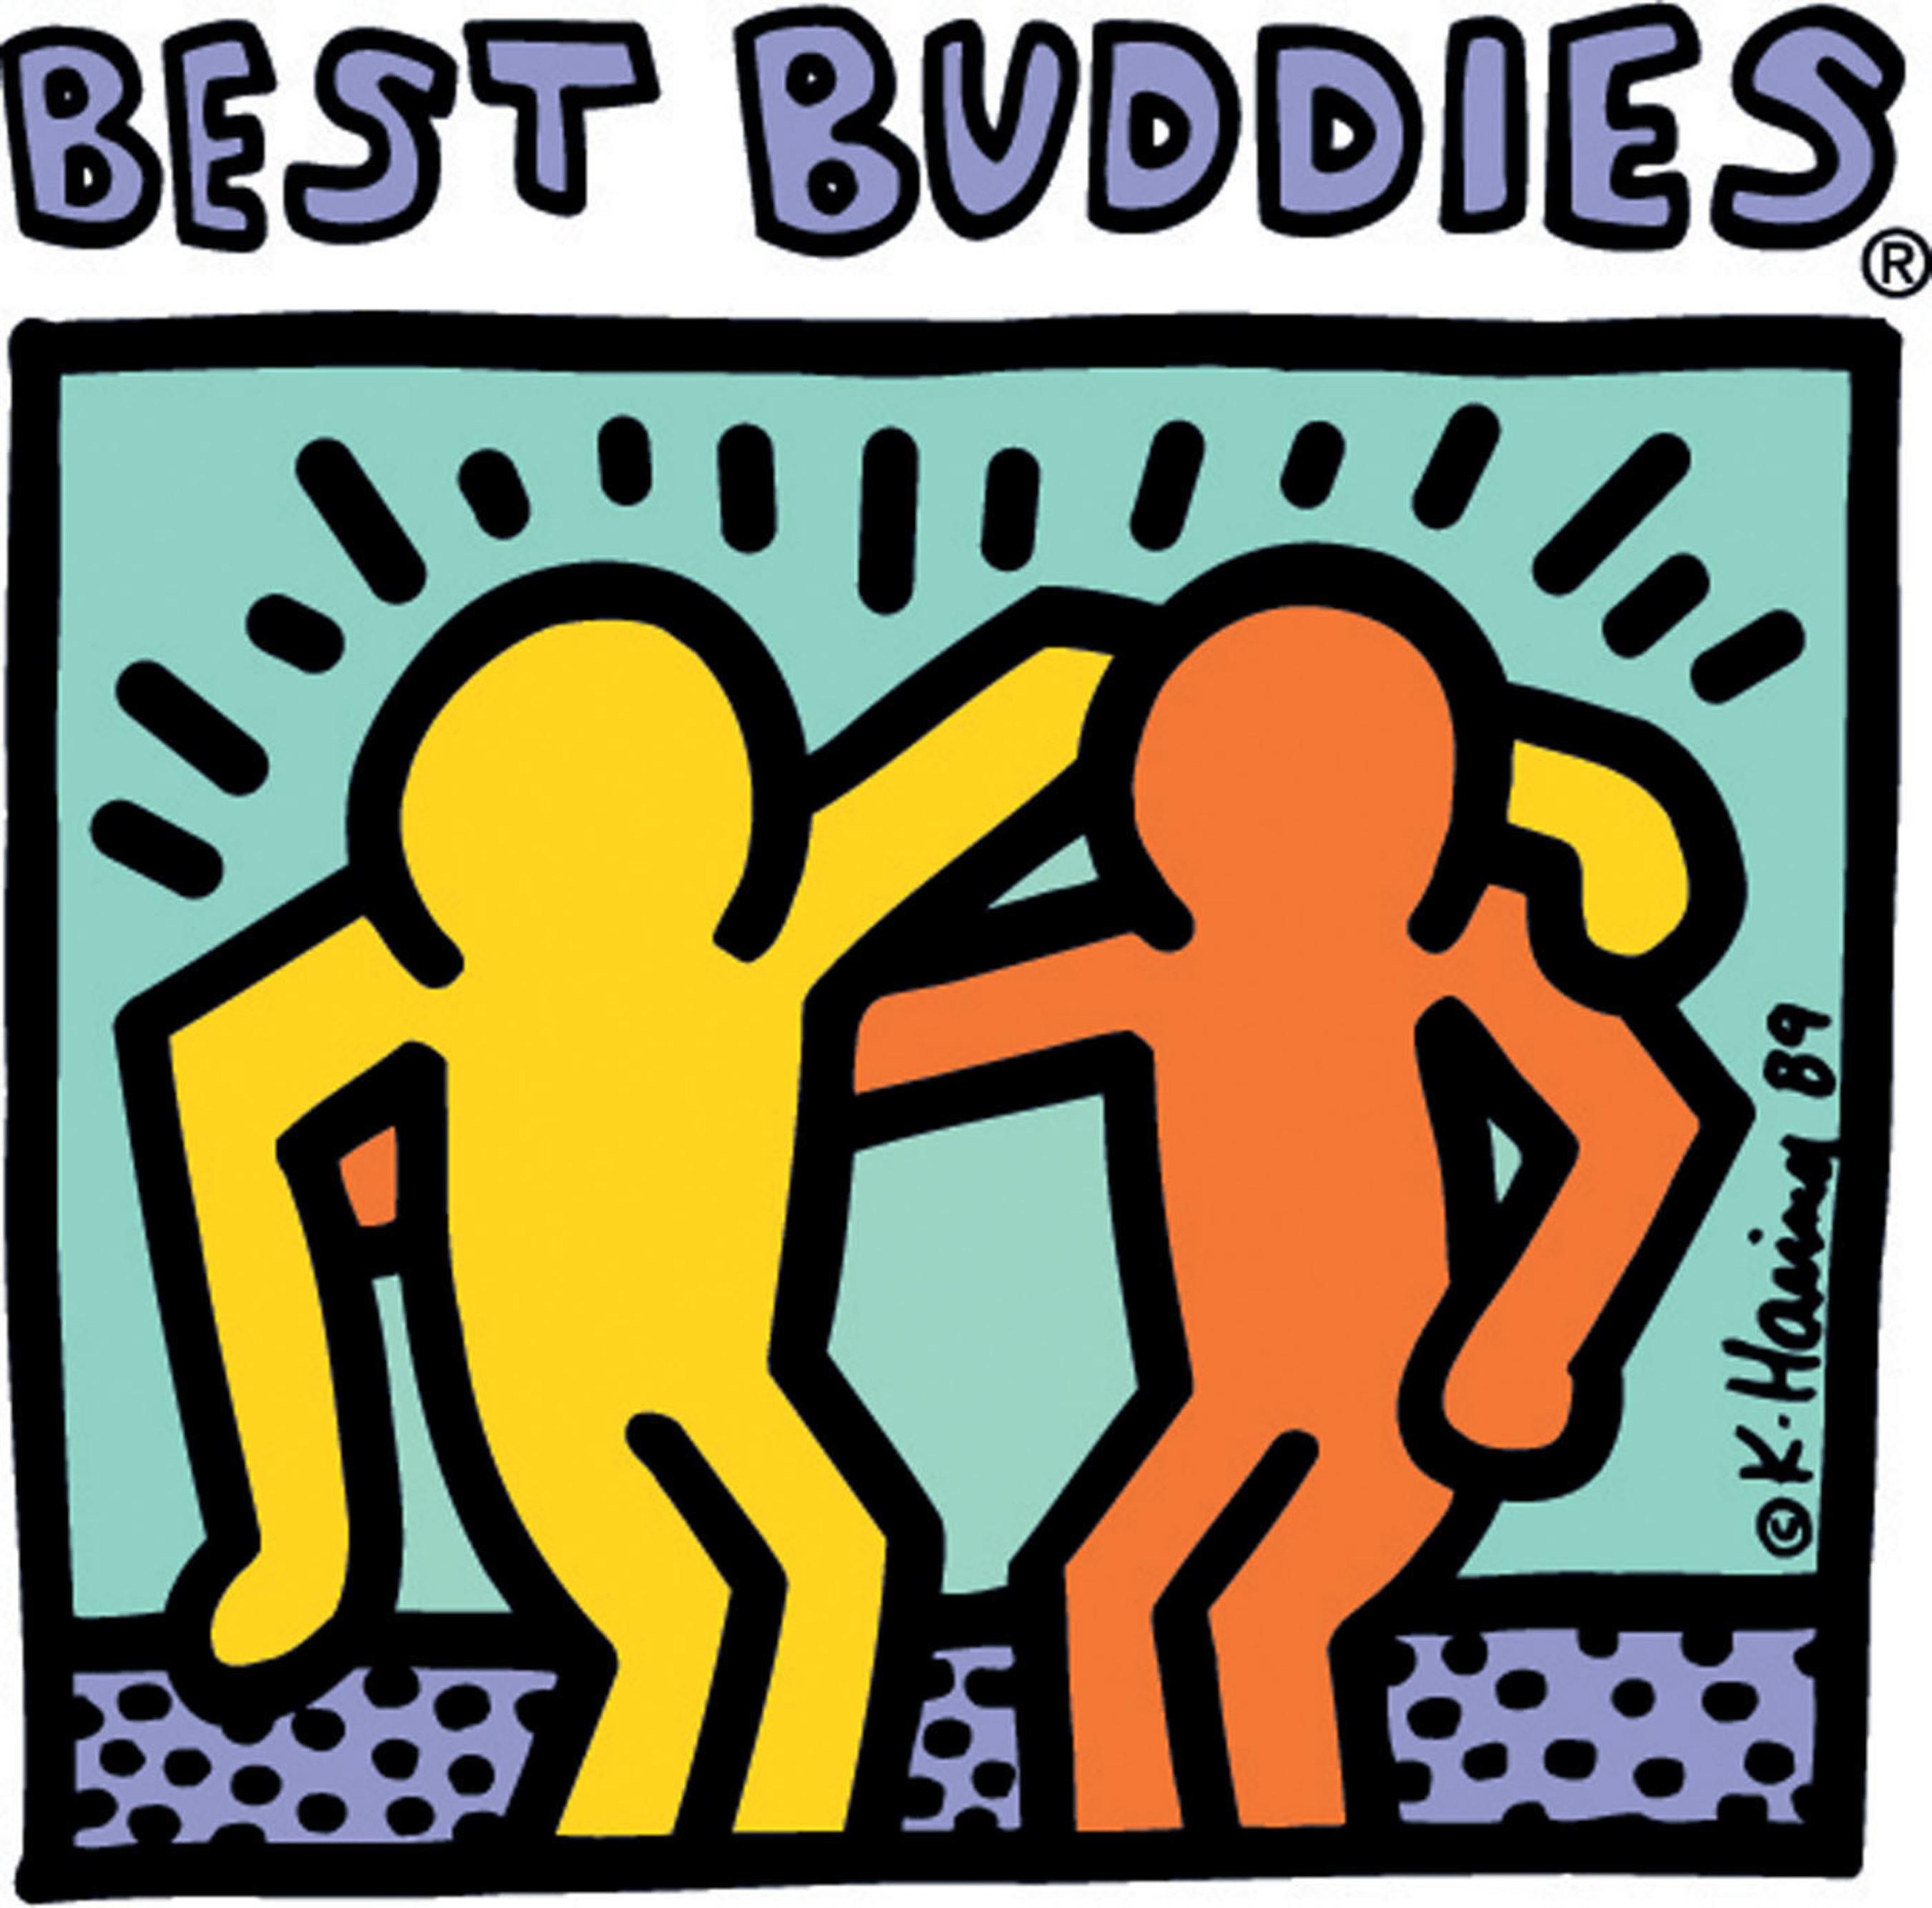 Best Buddies International.